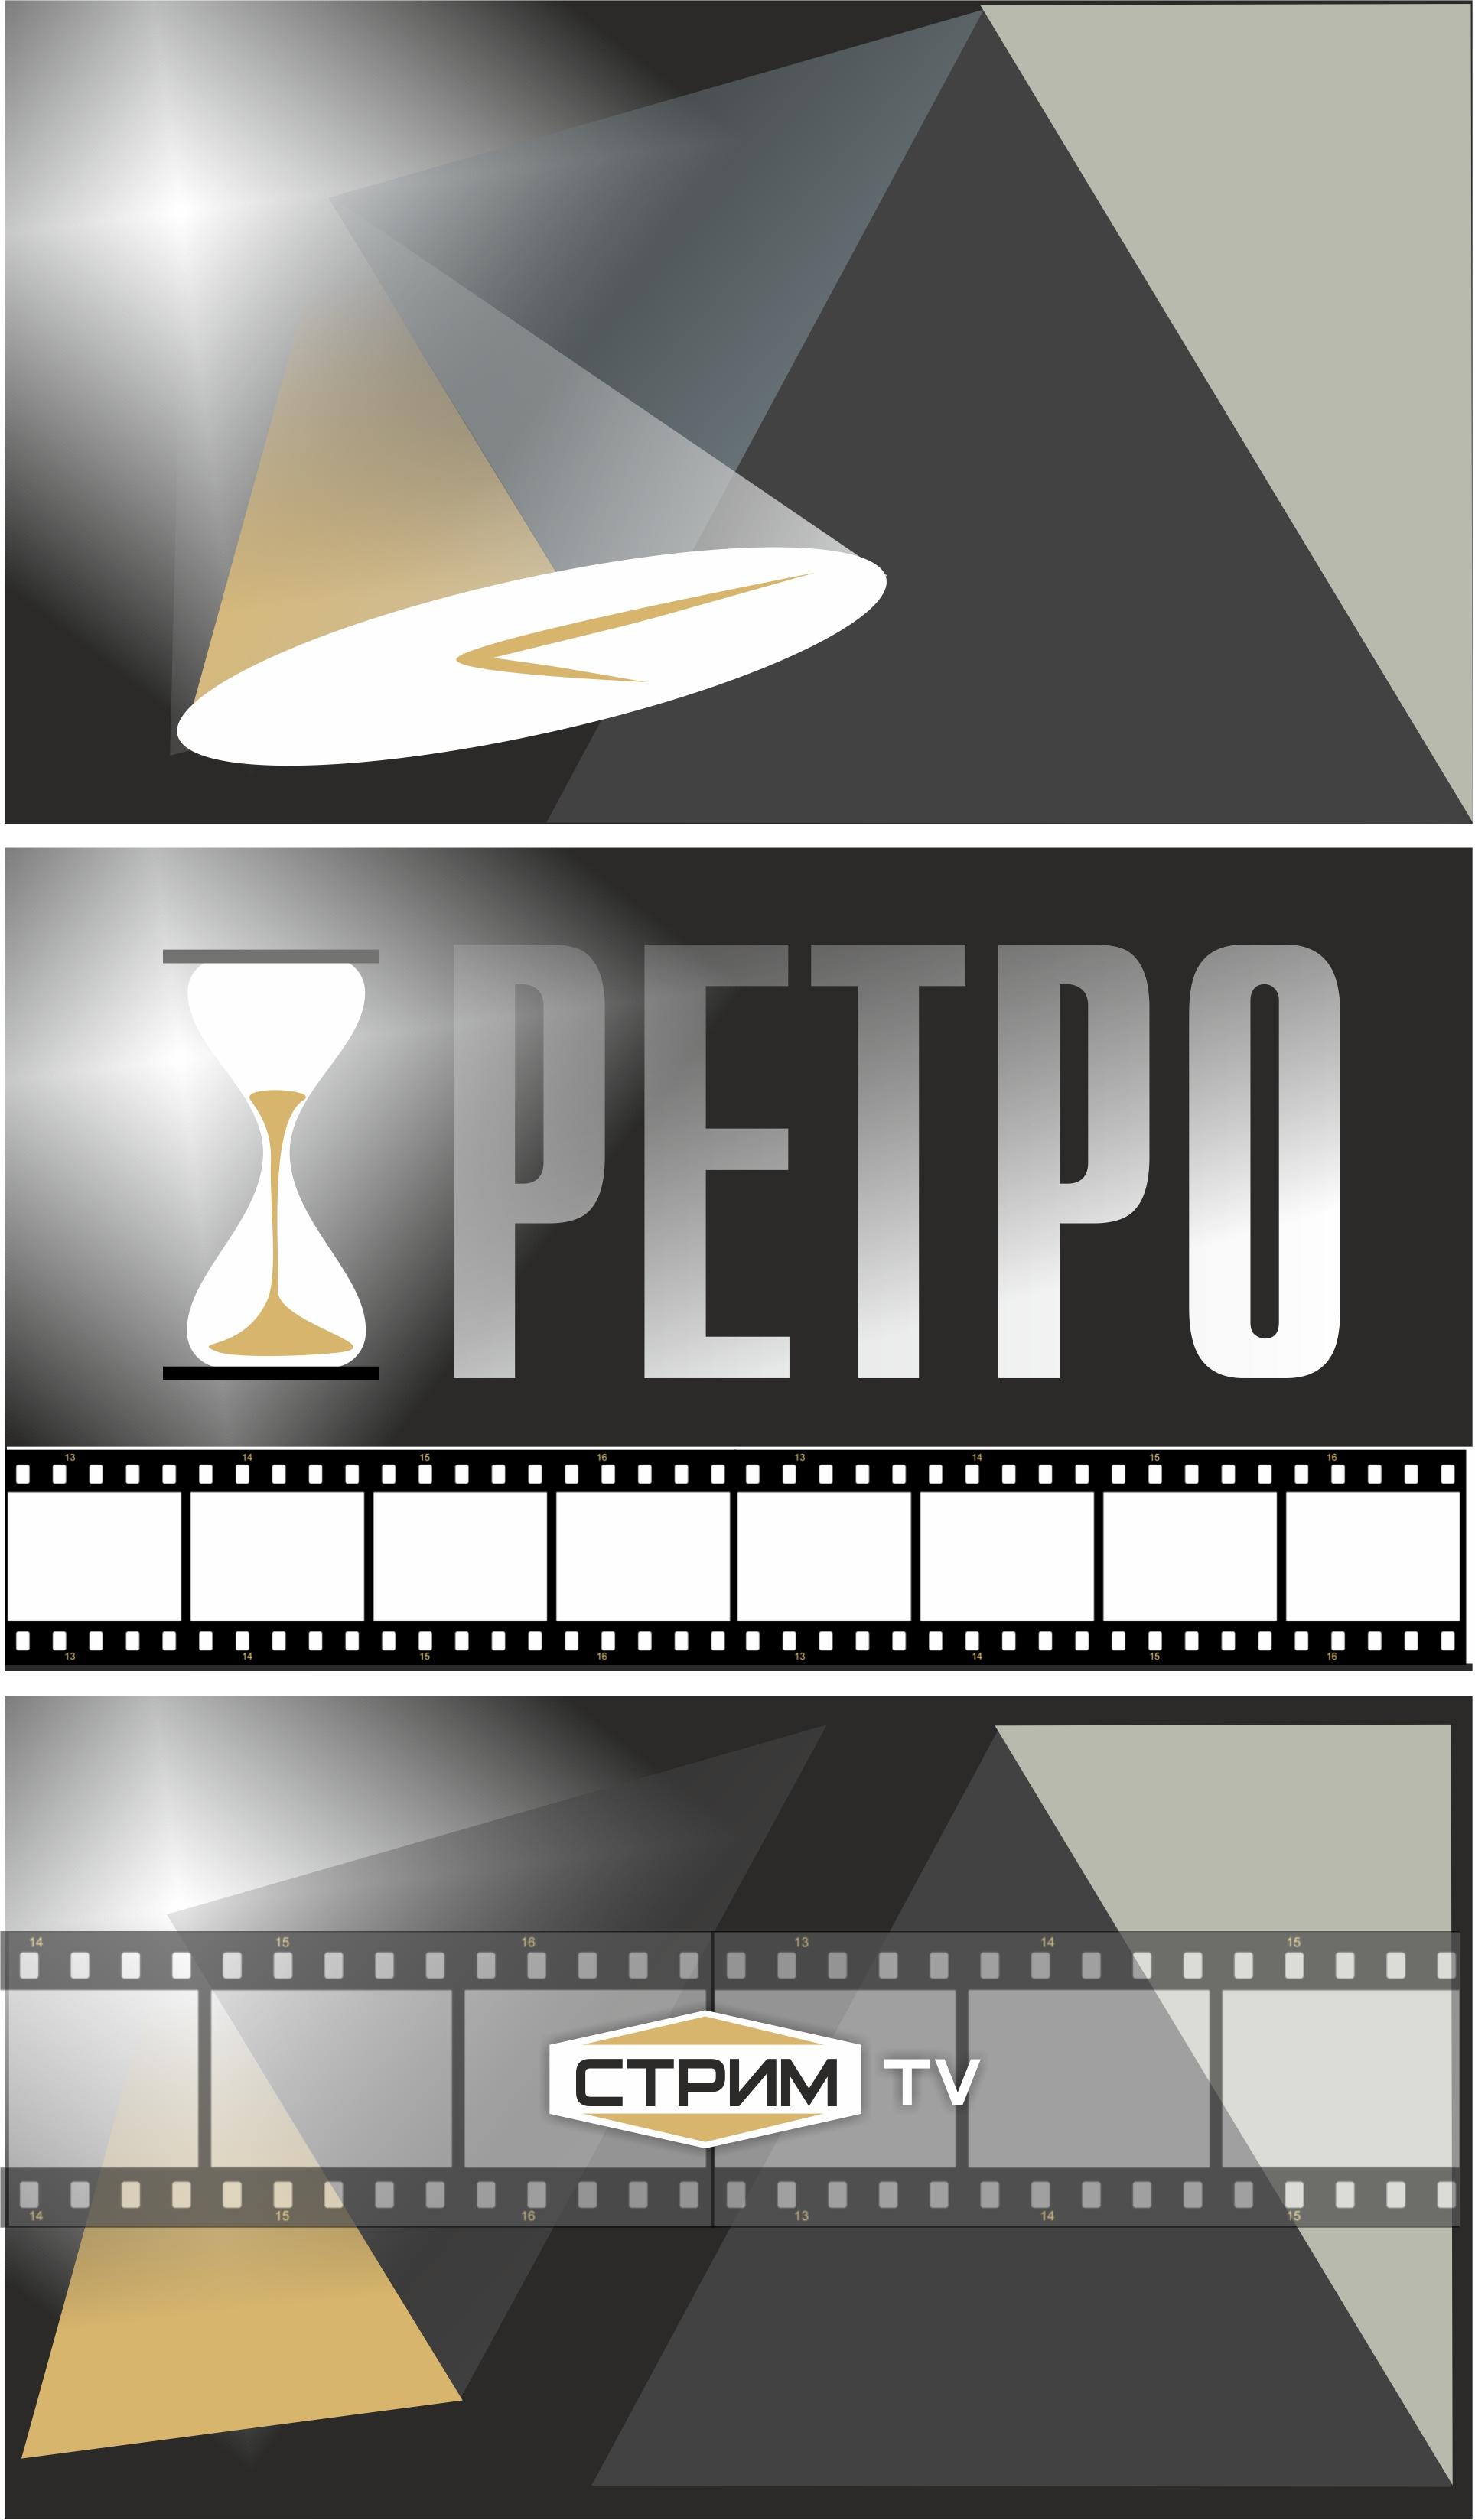 Создание концепции заставки и логотипа (телеканал) фото f_524566ec3c48fbdb.jpg